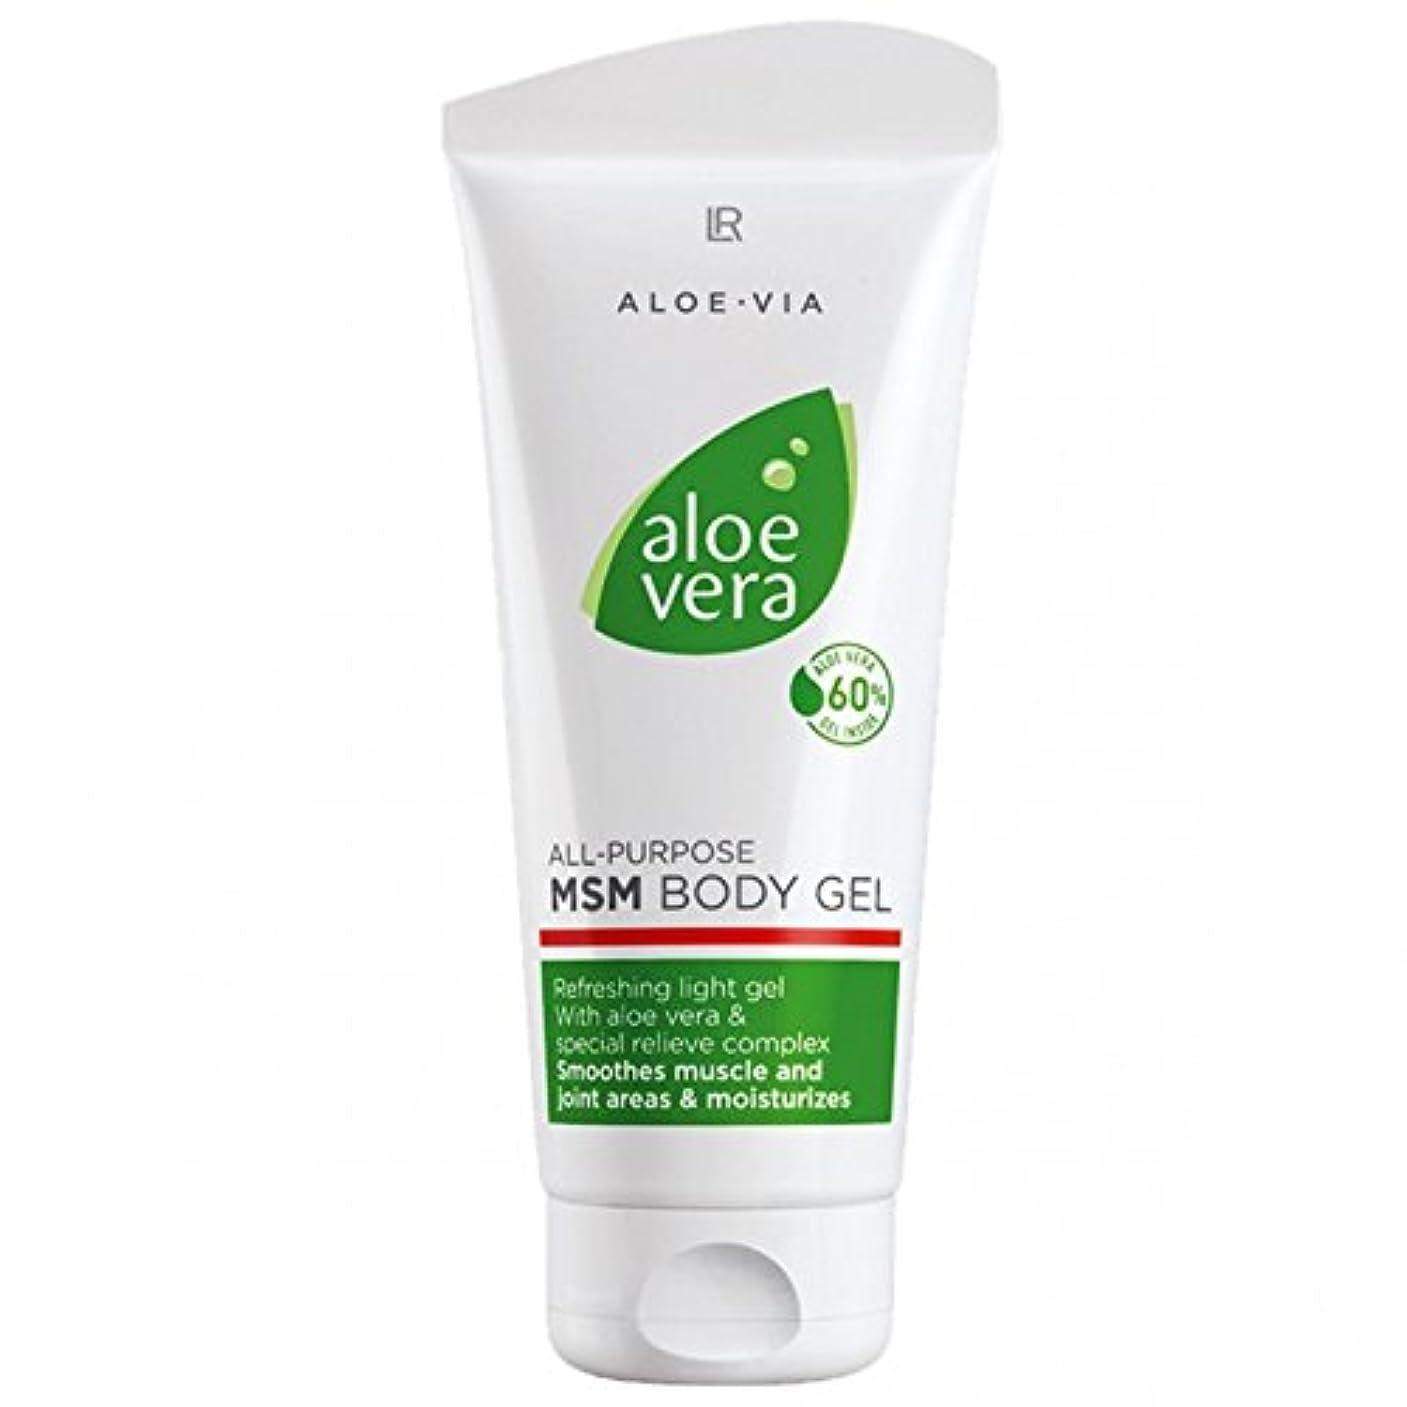 L R アロエベラMSMボディジェル美容や化粧品、滑らかな、迅速な吸収ゲル%60アロエベラ200ミリリットル